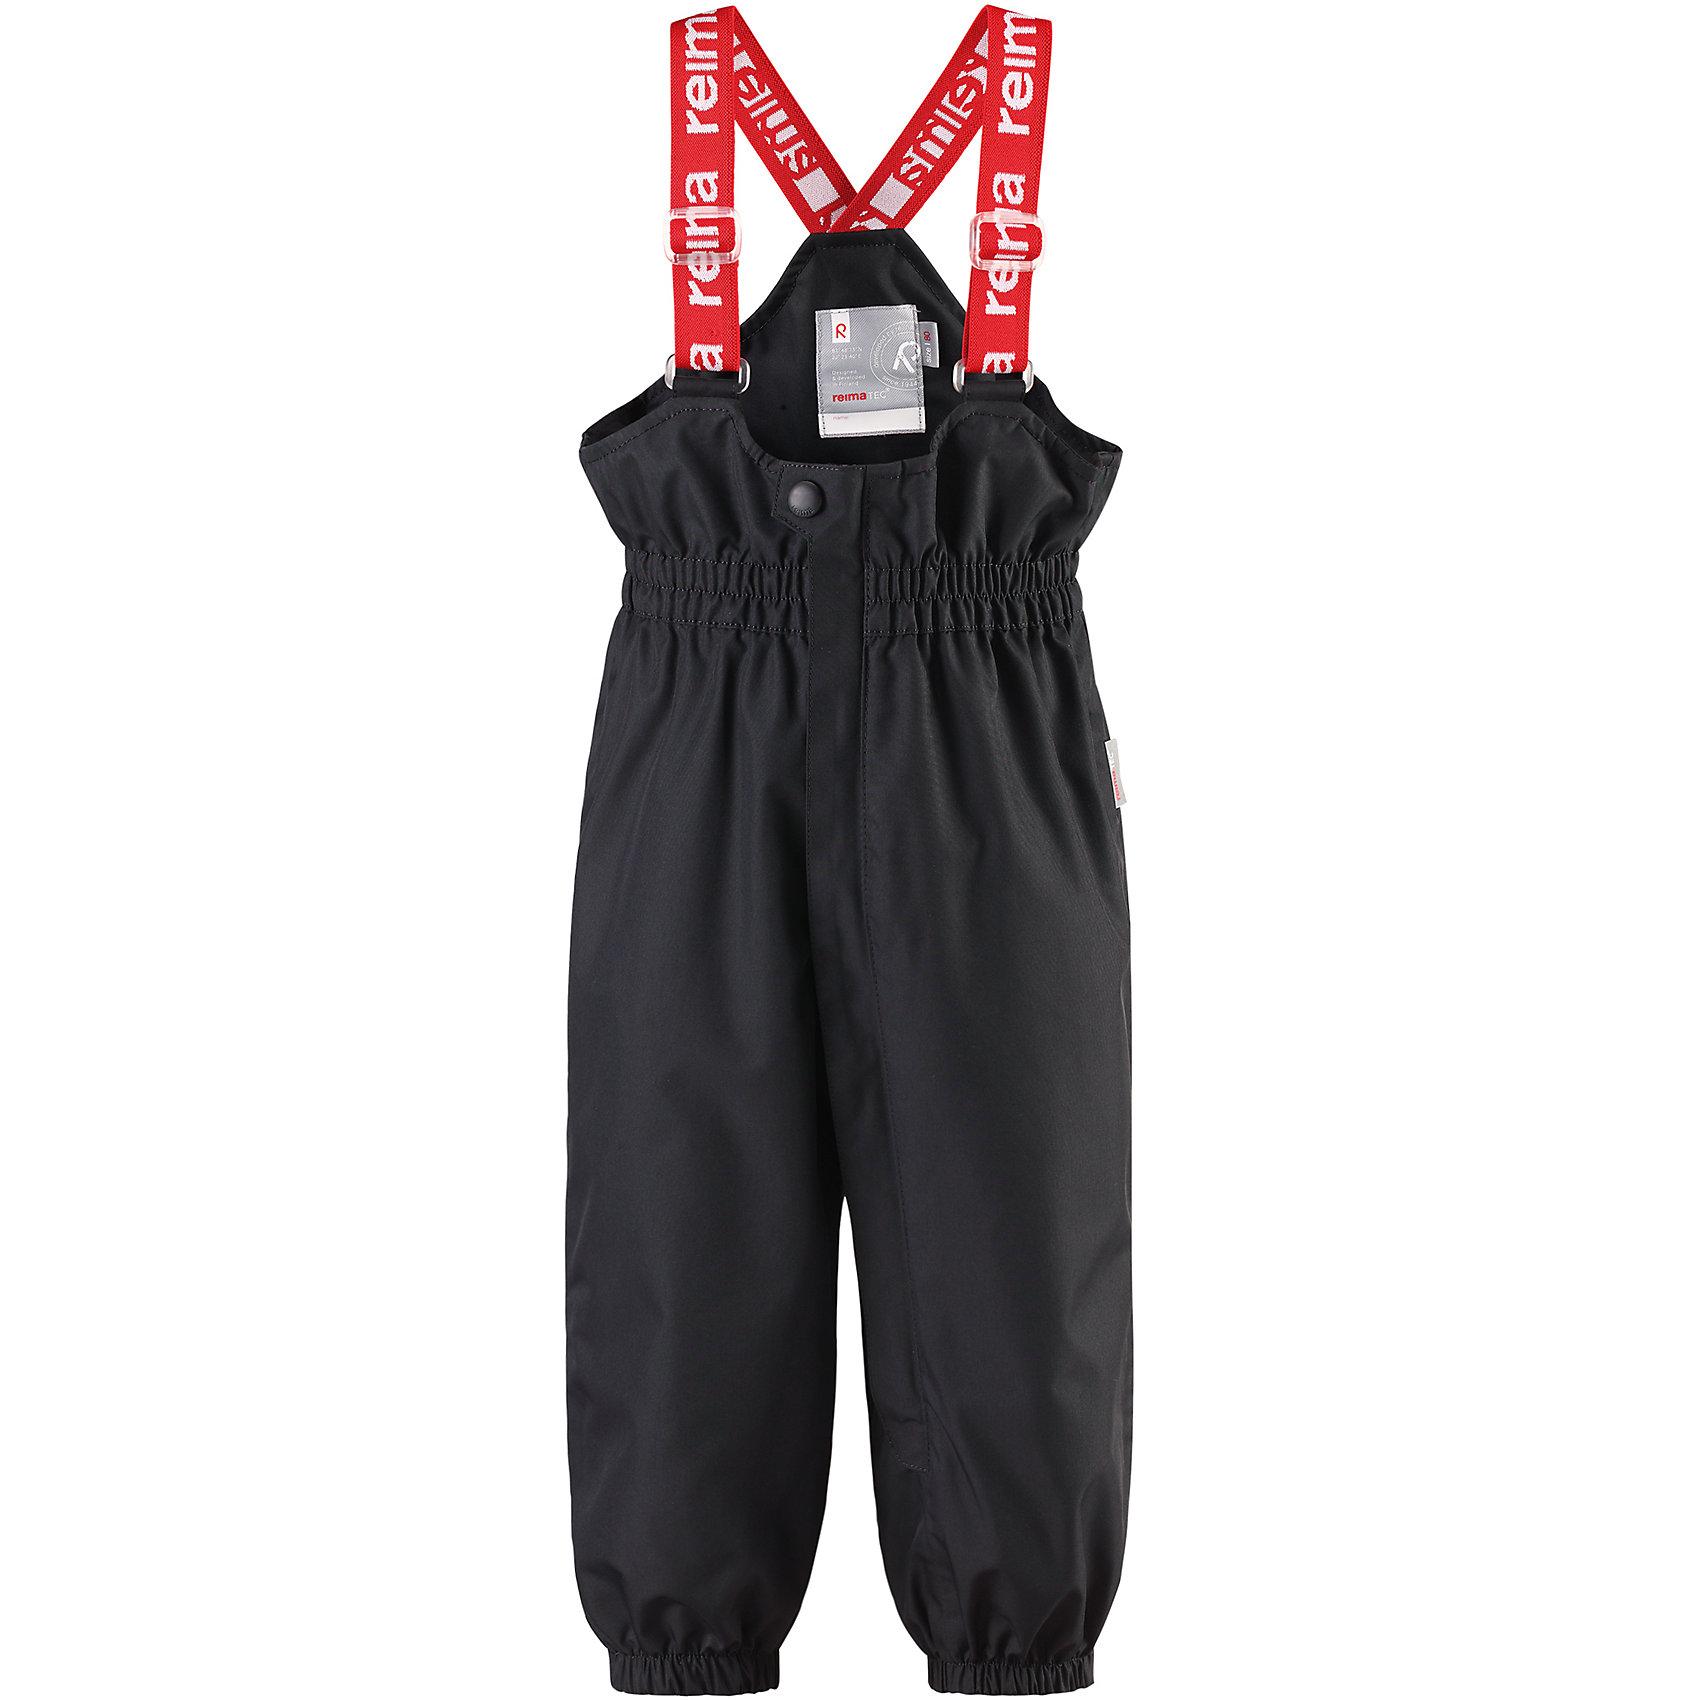 Брюки Tuikku Reimatec® ReimaВерхняя одежда<br>Характеристики товара:<br><br>• цвет: черный<br>• состав: 100% полиэстер, полиуретановое покрытие<br>• температурный режим: от +5°до +15°С<br>• водонепроницаемость: 15000 мм<br>• воздухопроницаемость: 5000 мм<br>• износостойкость: 40000 циклов (тест Мартиндейла)<br>• без утеплителя<br>• все швы проклеены, водонепроницаемы<br>• водо- и ветронепроницаемый, «дышащий» и грязеотталкивающий материал<br>• гладкая подкладка из полиэстера<br>• высокая талия с регулируемыми подтяжками<br>• эластичные манжеты на брючинах<br>• прочные съёмные силиконовые штрипки<br>• длинная застёжка на молнии облегчает надевание<br>• светоотражающие детали<br>• комфортная посадка<br>• страна производства: Китай<br>• страна бренда: Финляндия<br>• коллекция: весна-лето 2017<br><br>Демисезонные брюки помогут обеспечить ребенку комфорт и тепло. Они отлично смотрятся с различным верхом. Изделие удобно сидит и модно выглядит. Материал отлично подходит для дождливой погоды. Стильный дизайн разрабатывался специально для детей.<br><br>Обувь и одежда от финского бренда Reima пользуются популярностью во многих странах. Они стильные, качественные и удобные. Для производства продукции используются только безопасные, проверенные материалы и фурнитура.<br><br>Брюки Reimatec® от финского бренда Reima (Рейма) можно купить в нашем интернет-магазине.<br><br>Ширина мм: 215<br>Глубина мм: 88<br>Высота мм: 191<br>Вес г: 336<br>Цвет: черный<br>Возраст от месяцев: 18<br>Возраст до месяцев: 24<br>Пол: Унисекс<br>Возраст: Детский<br>Размер: 92,80,74,98,86<br>SKU: 5265496